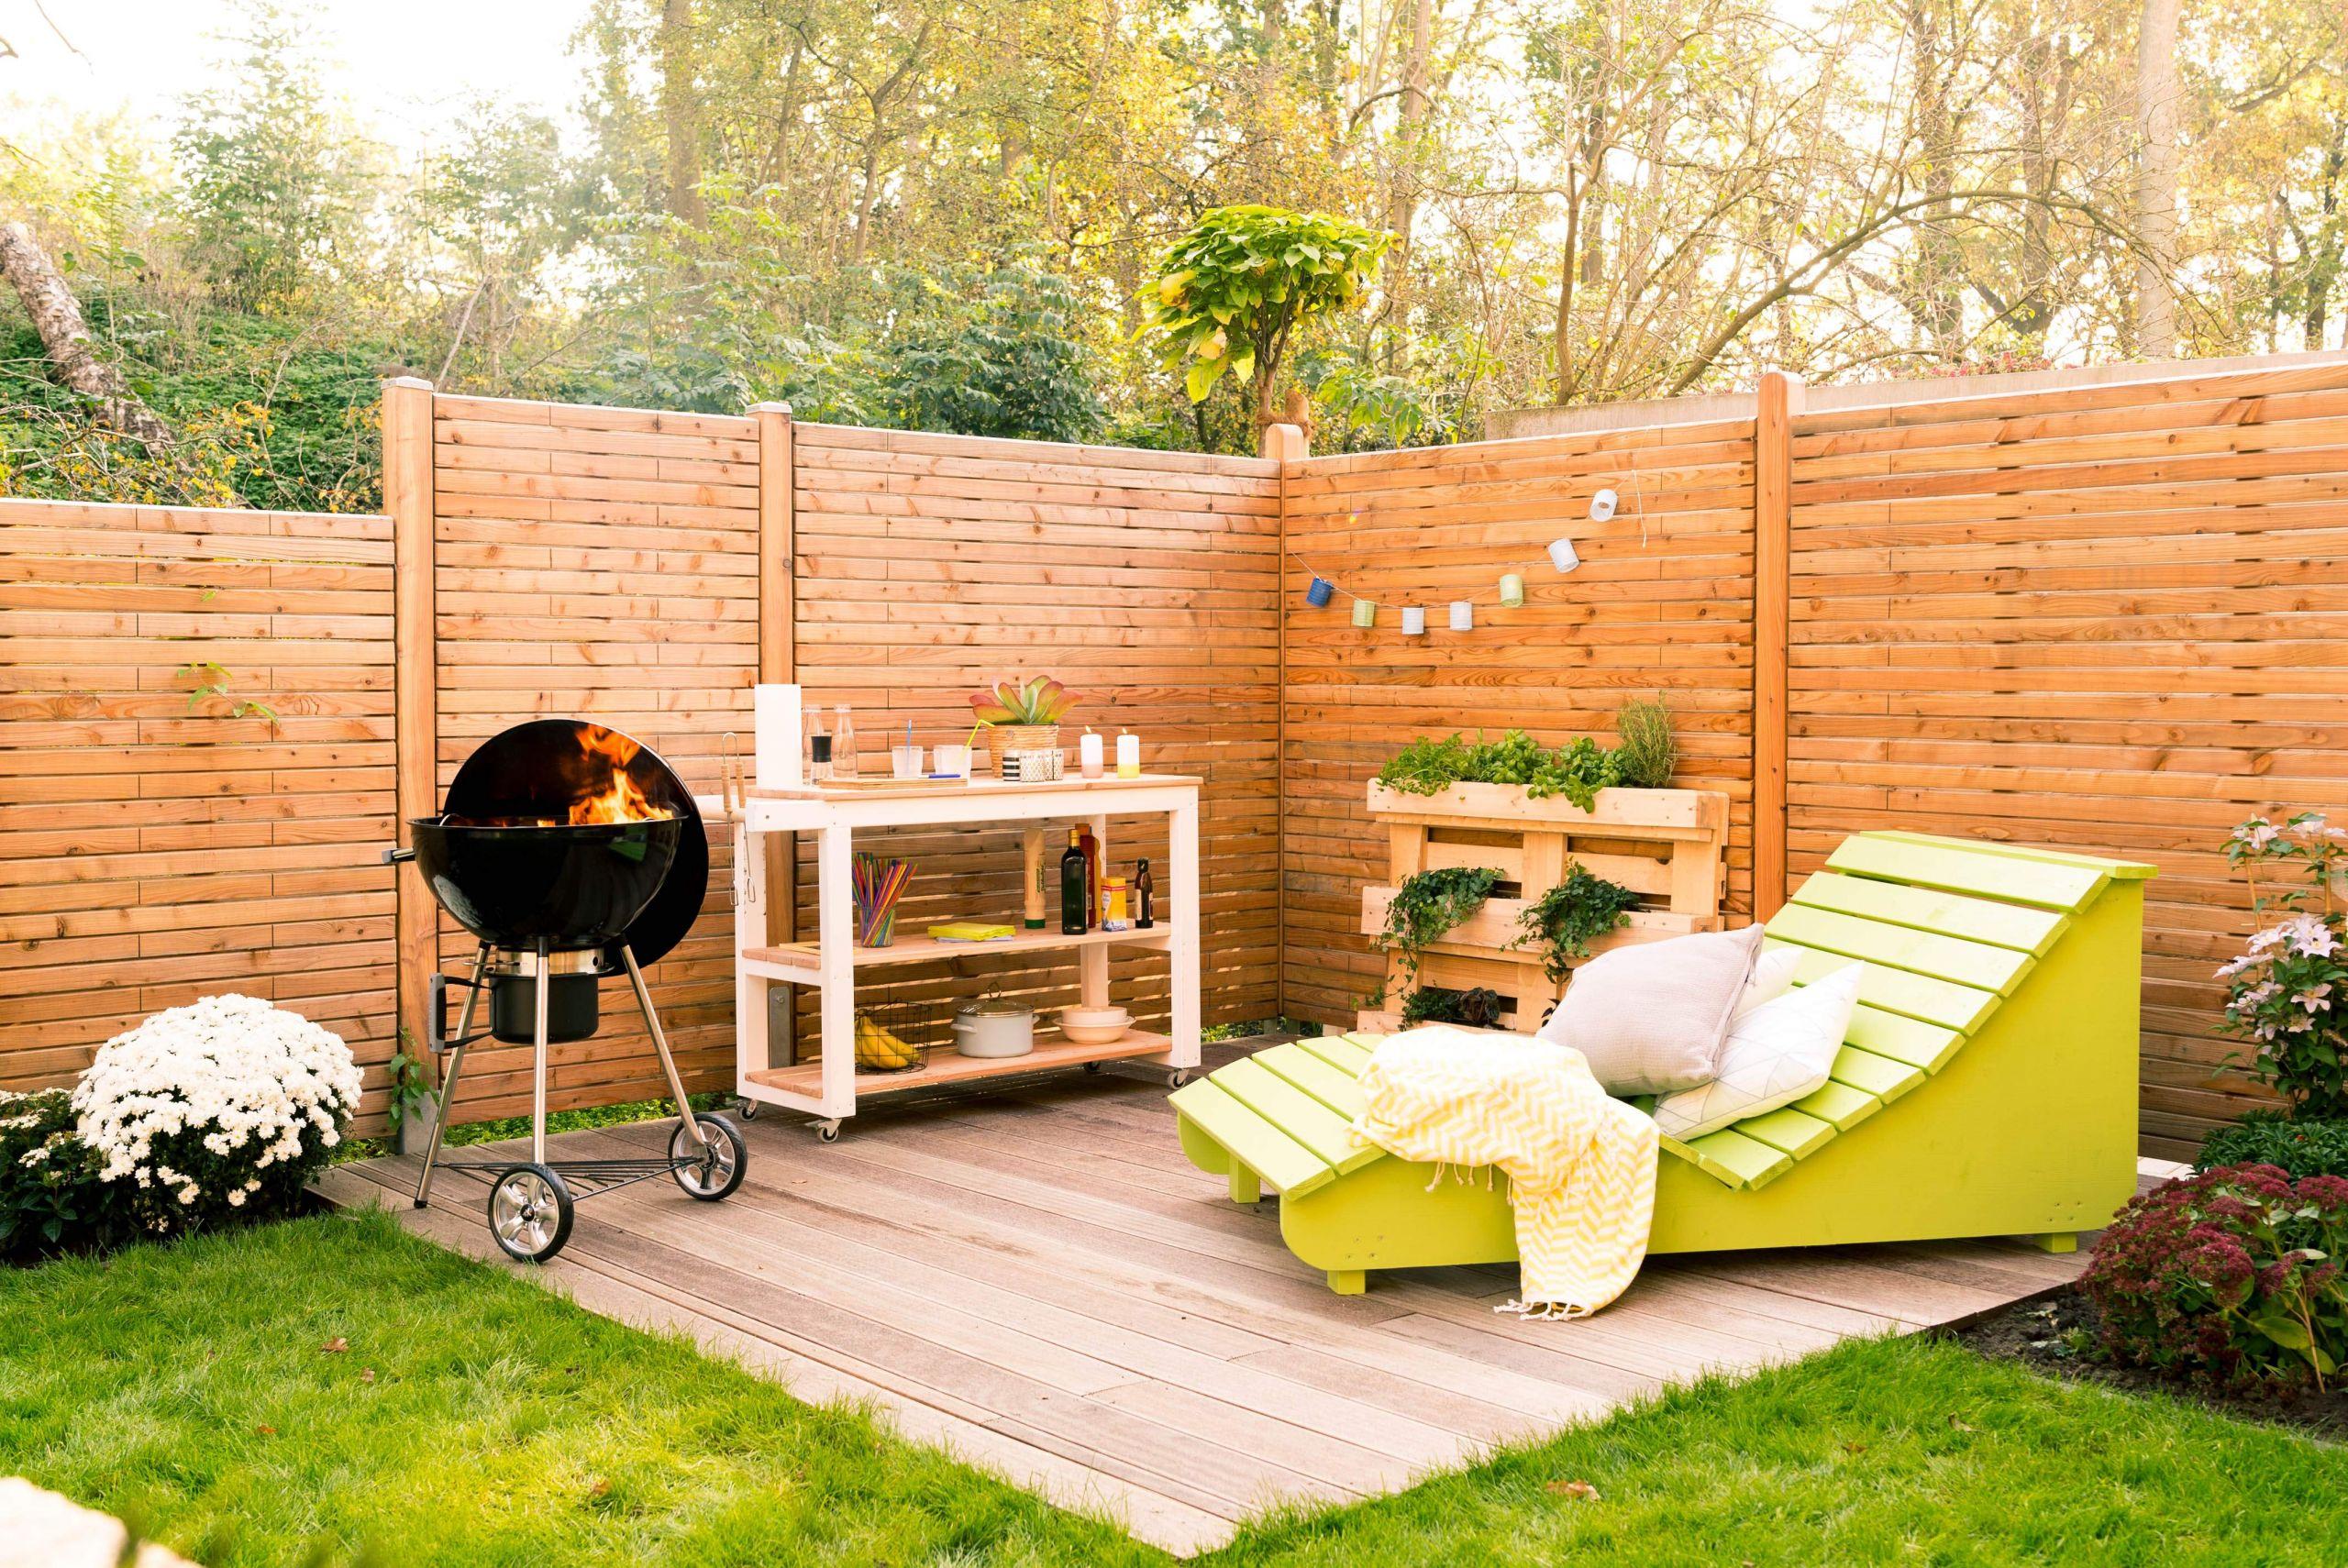 foto terrasse holz grill gartenmoebel gartenwagen pflanzregal sichtschutz